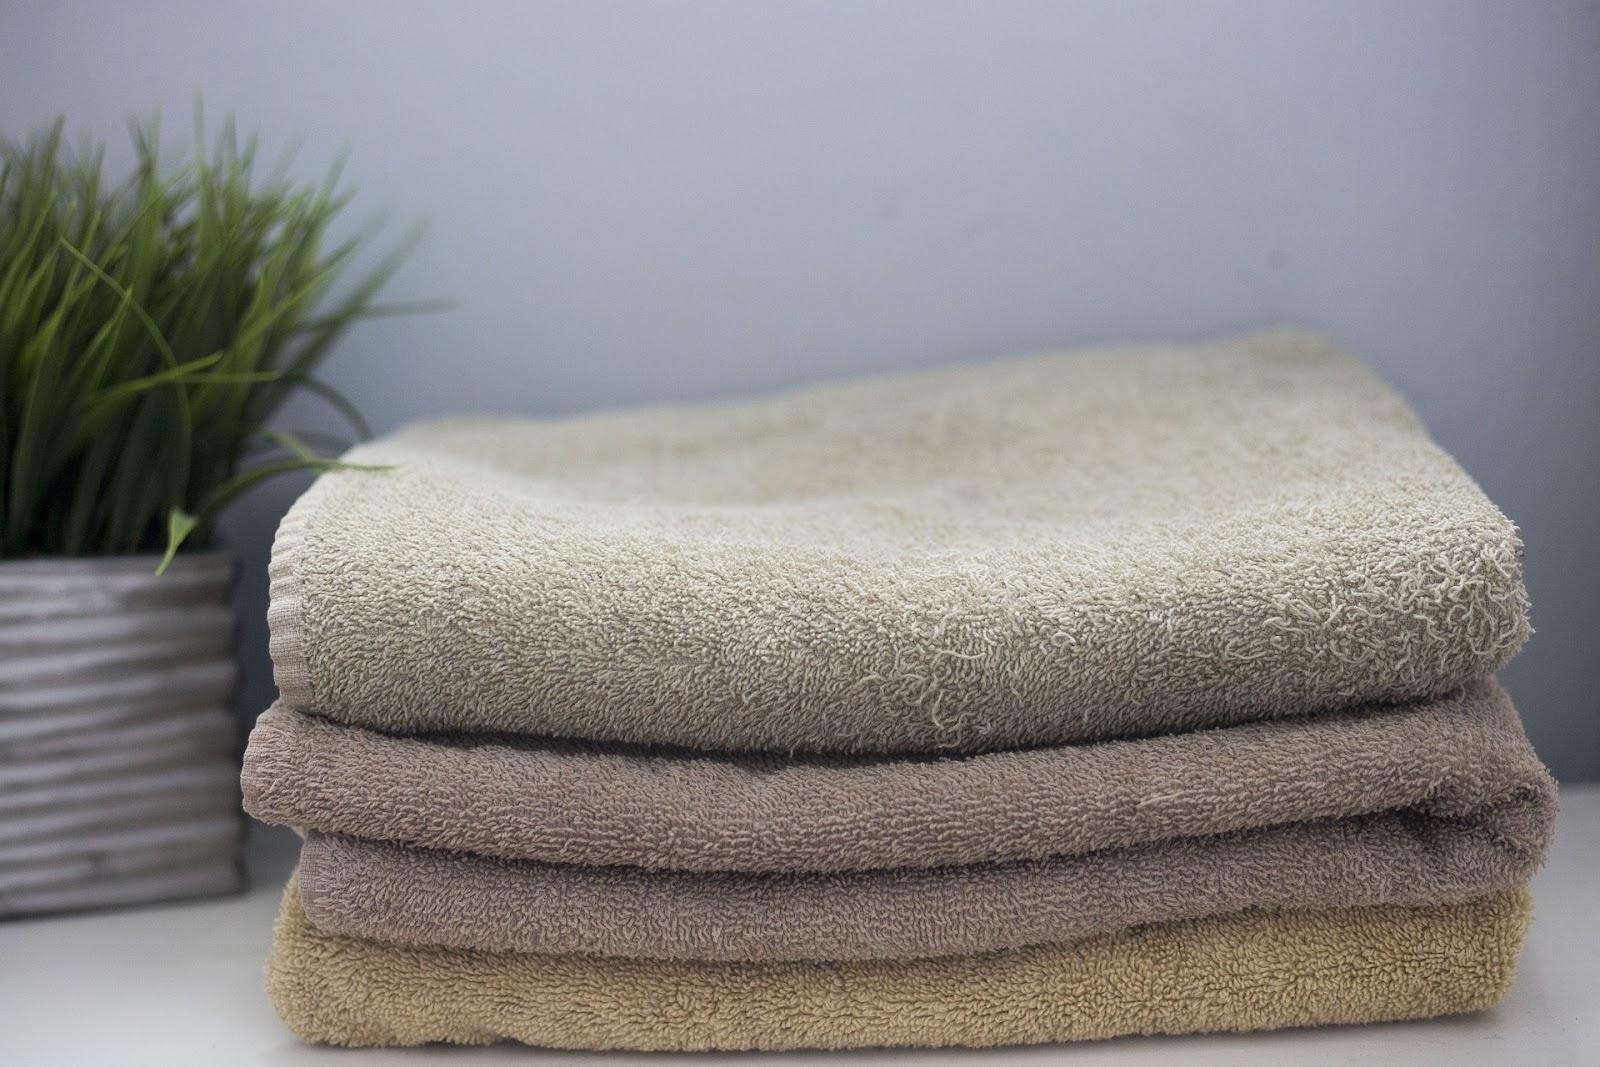 Stapel handdoeken